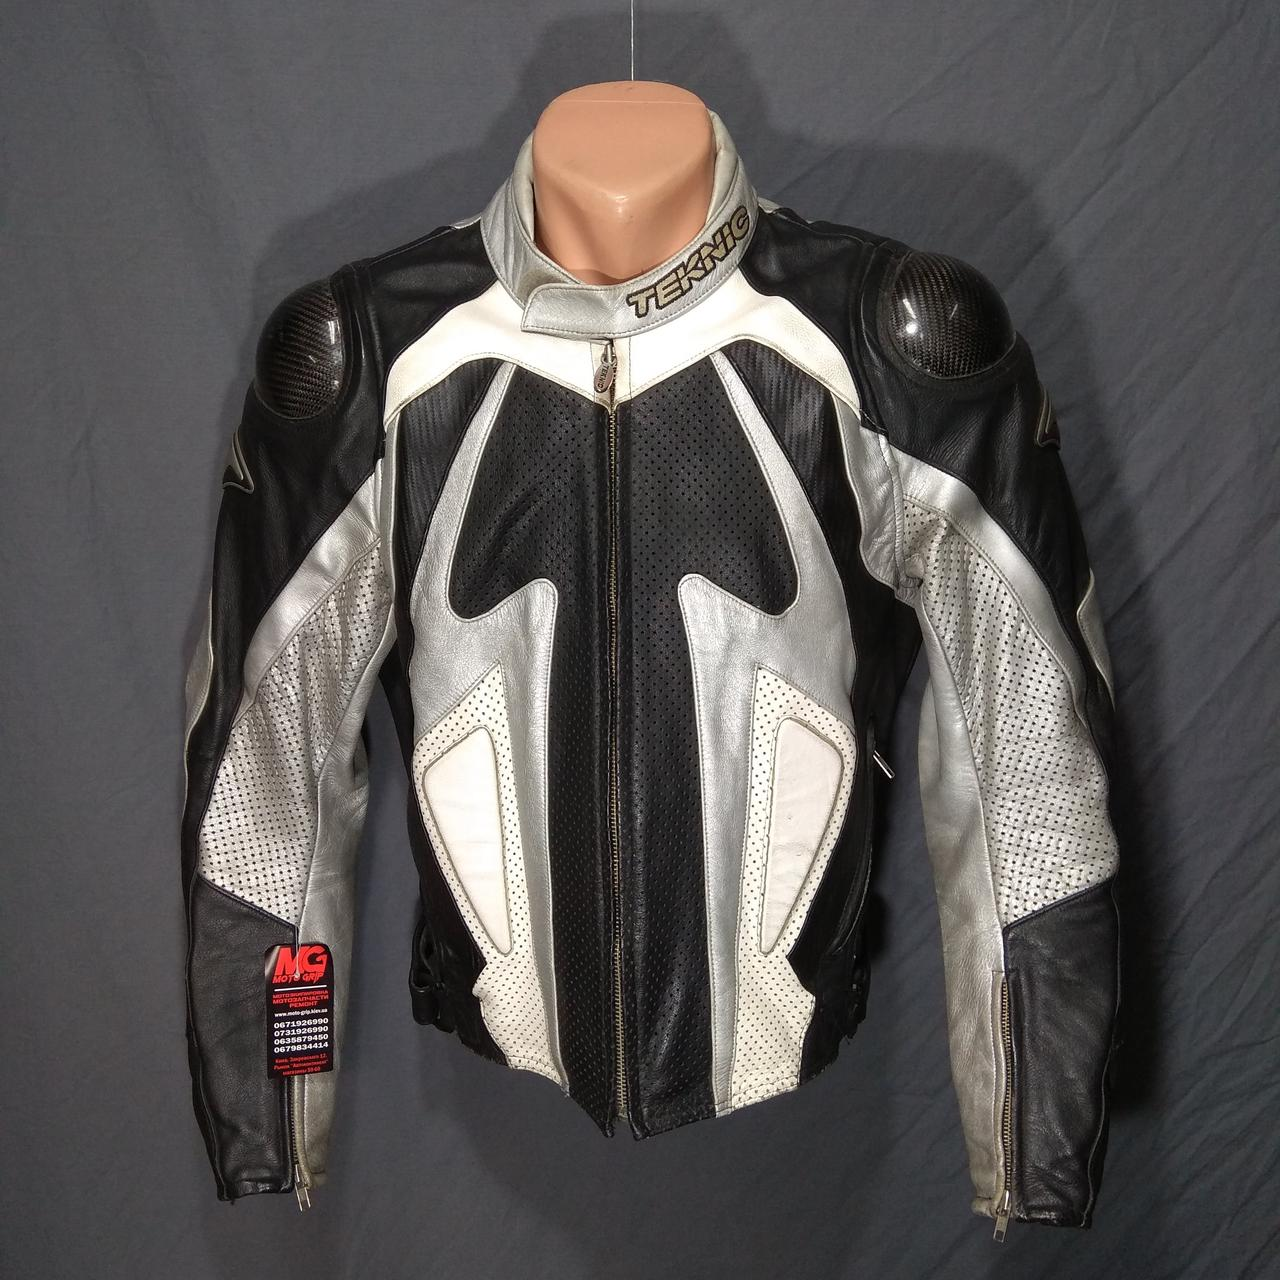 Мотокуртка TEKNIC б/у кожа